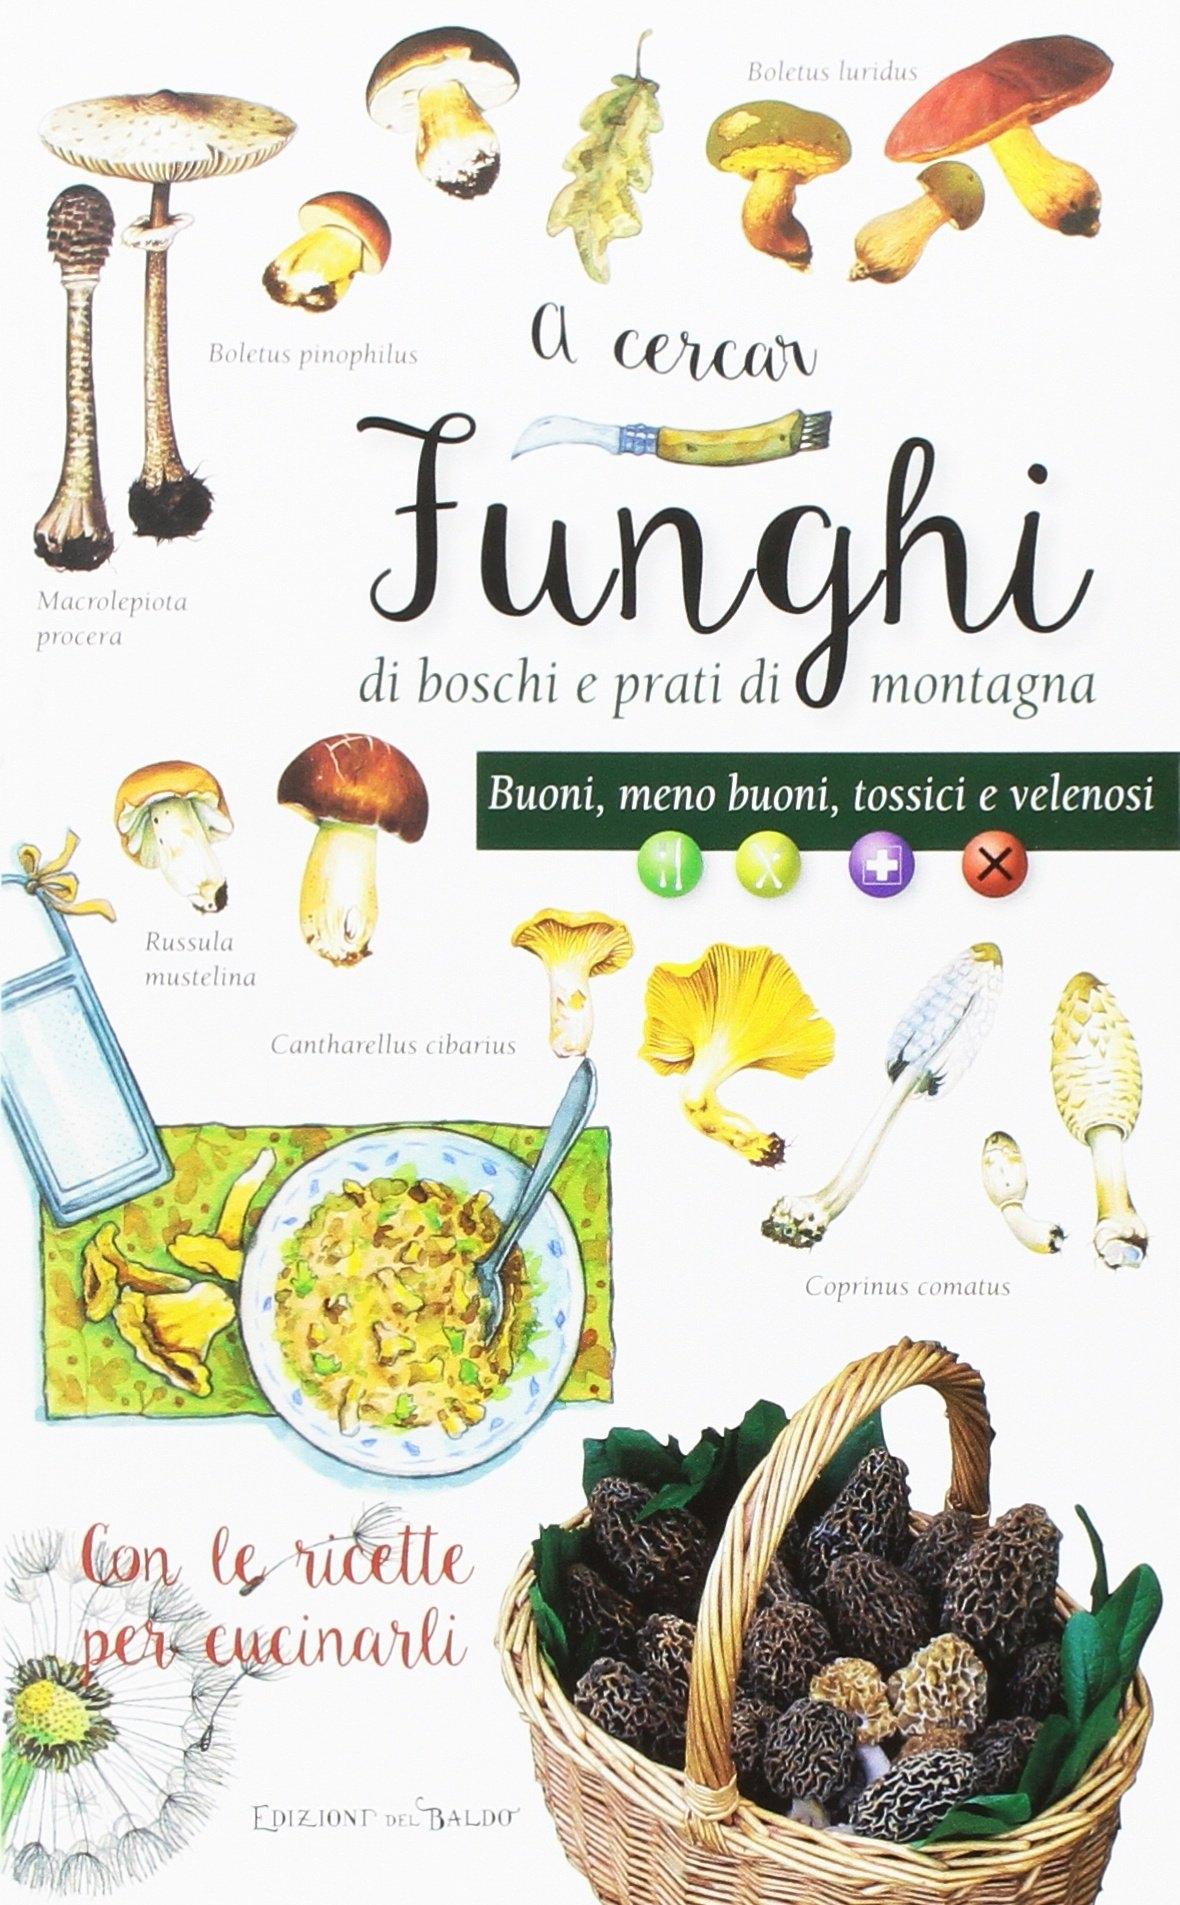 A cercar funghi di boschi e prati di montagna. Buoni, meno buoni, tossici e velenosi. Con le ricette per cucinarli.